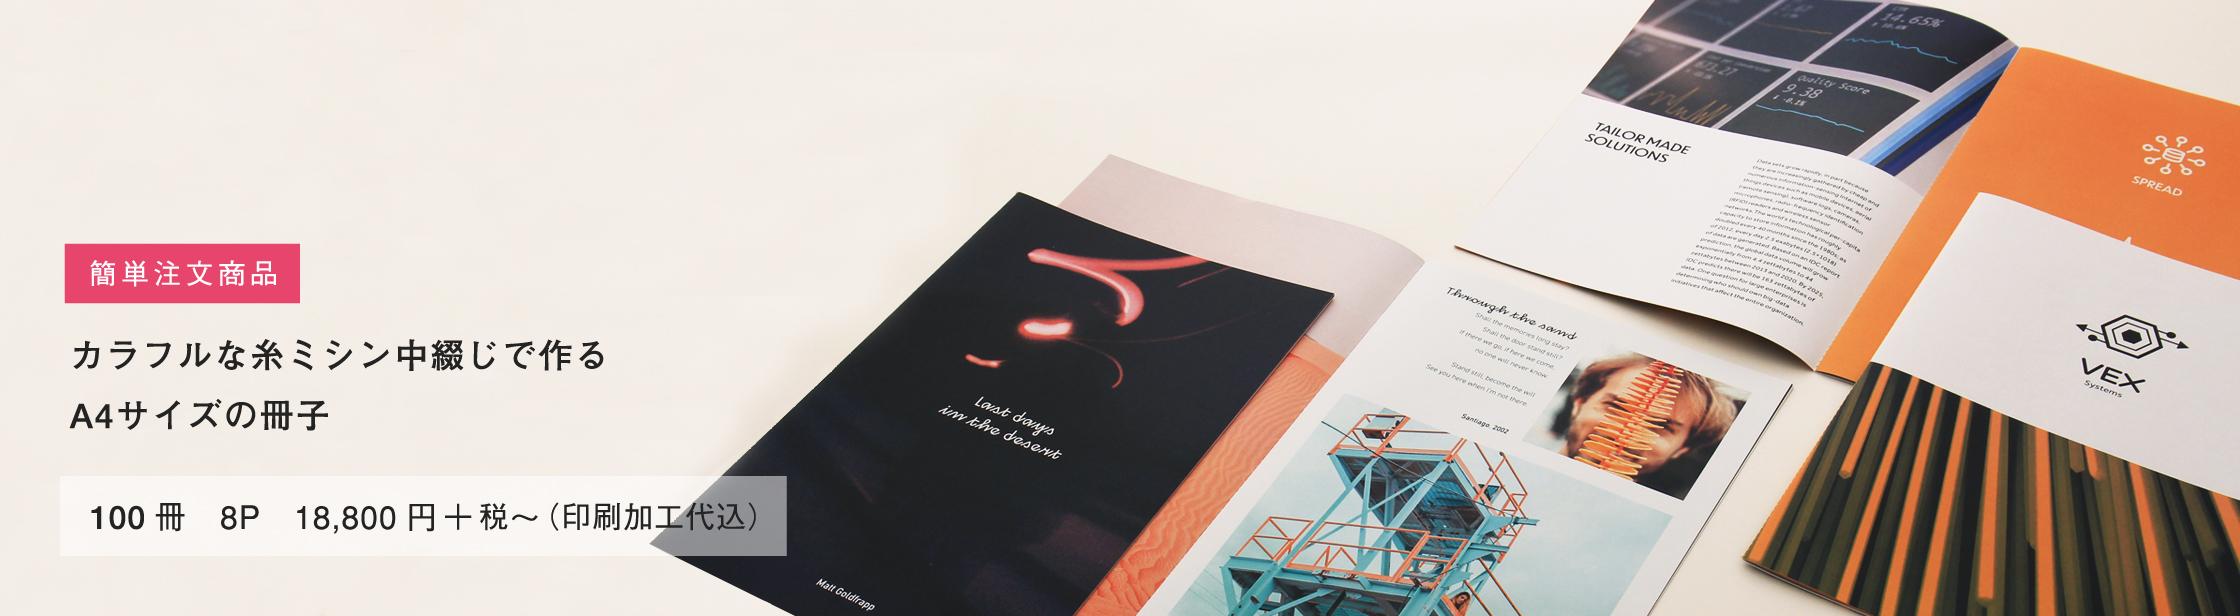 A4サイズの冊子(糸ミシン中綴じ 8P~36P)